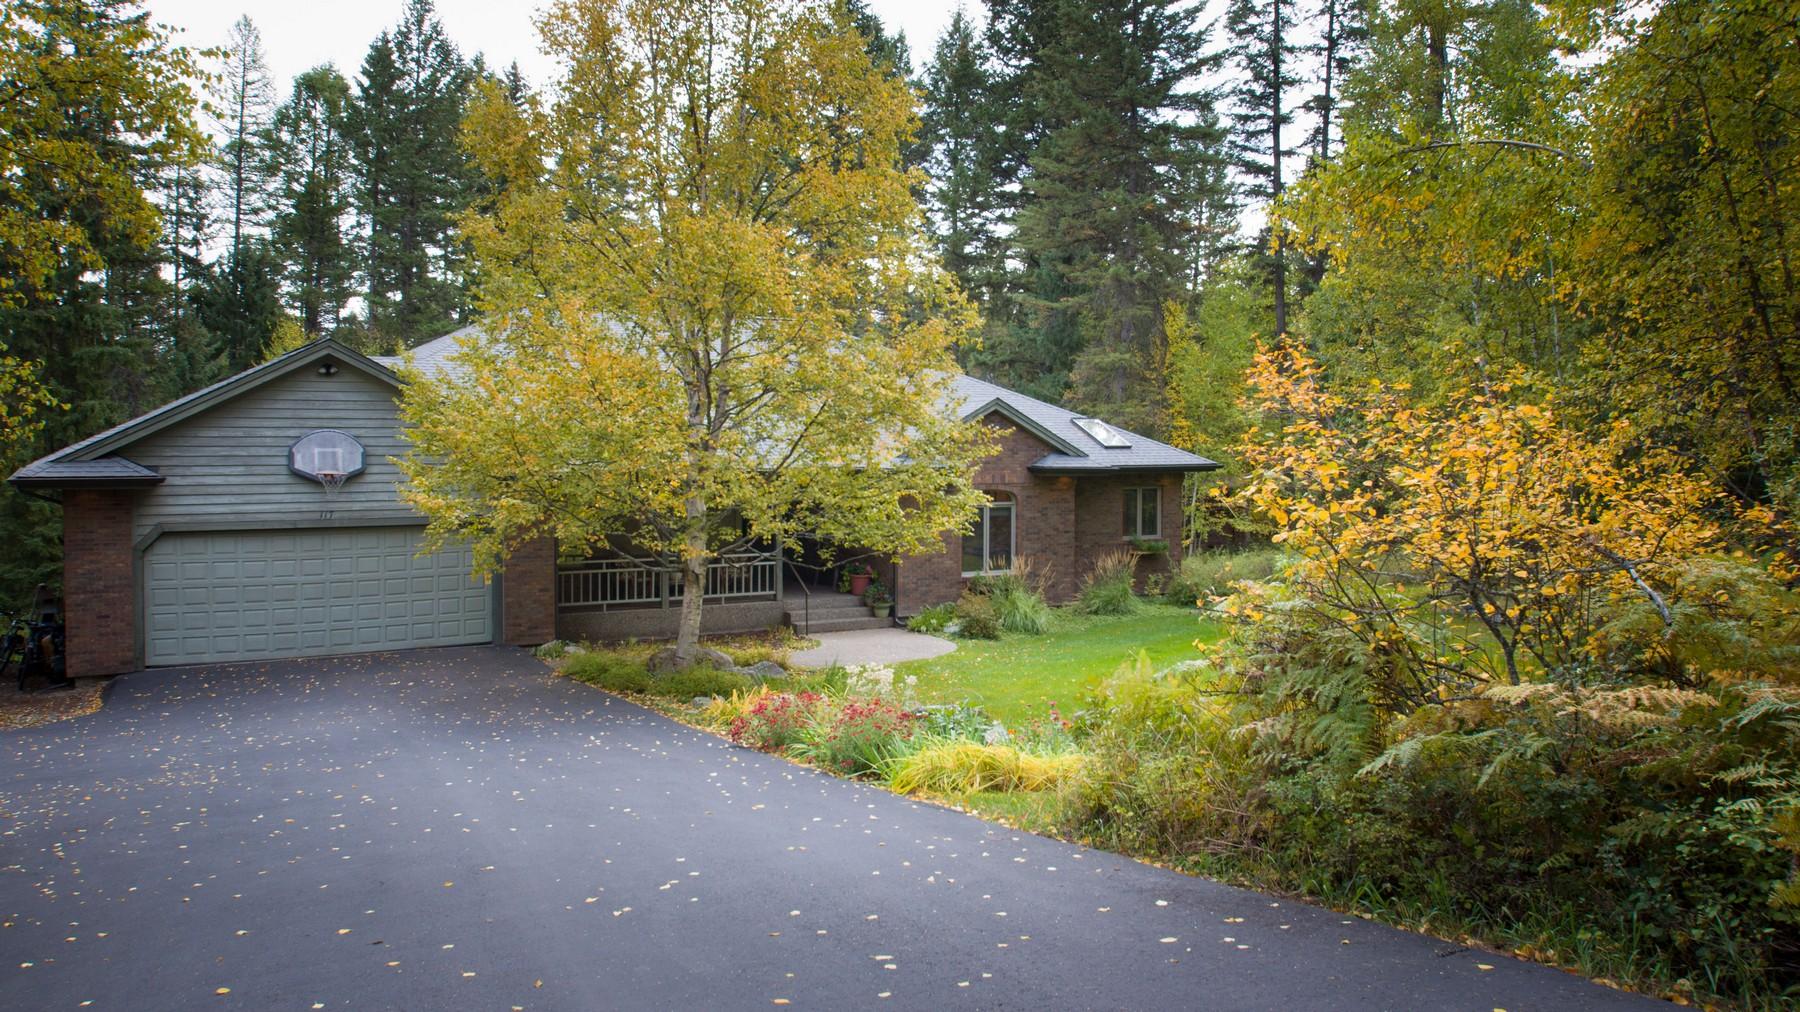 Casa Unifamiliar por un Venta en 117 Park Knoll Ln , Whitefish, MT 59937 117 Park Knoll Ln Whitefish, Montana, 59937 Estados Unidos